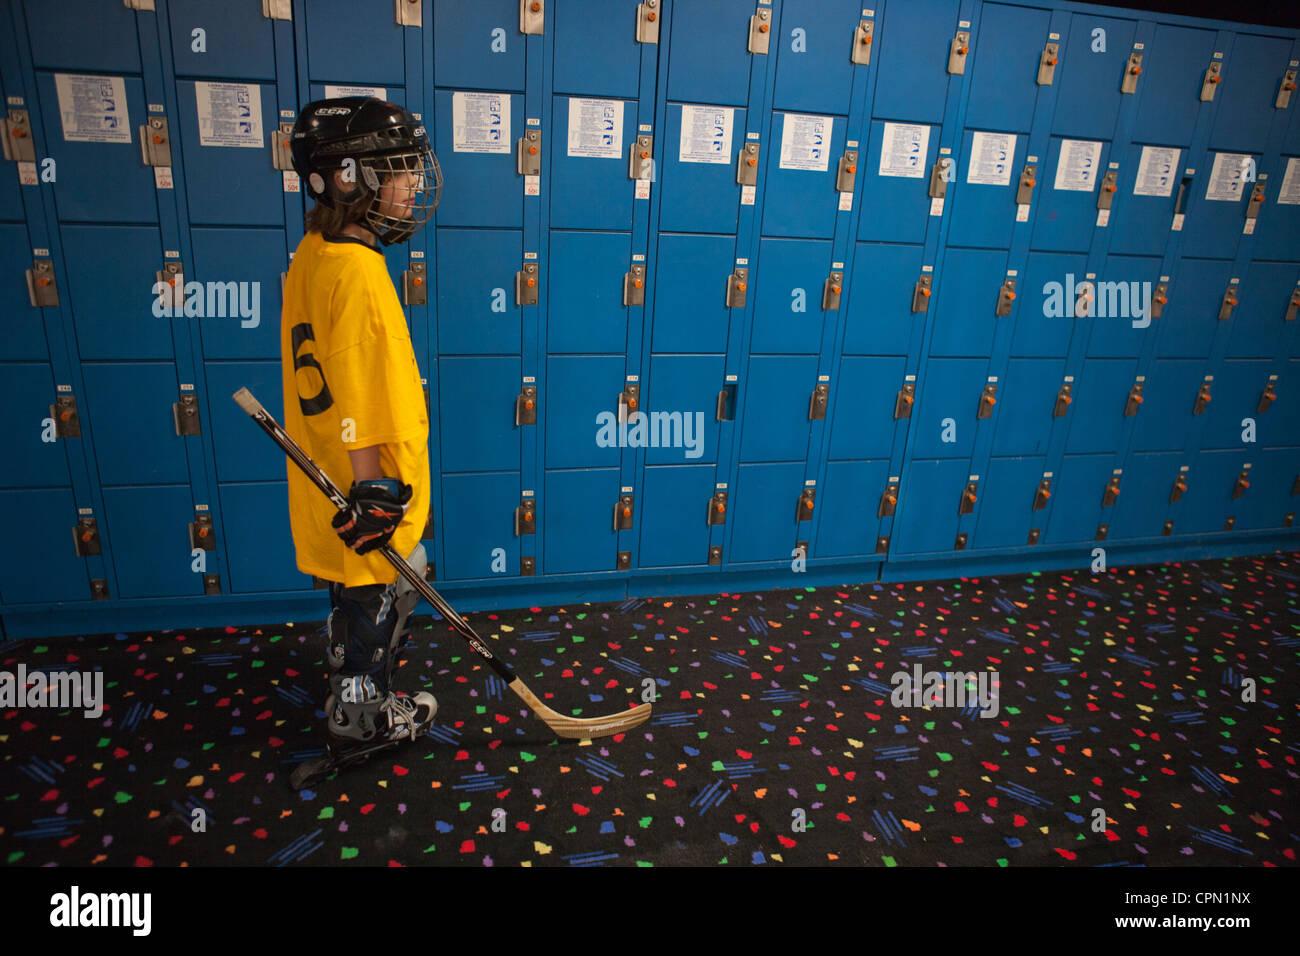 Niño de nueve años vestida de hockey sobre patines de pie delante de una pared de azul de taquillas. Imagen De Stock